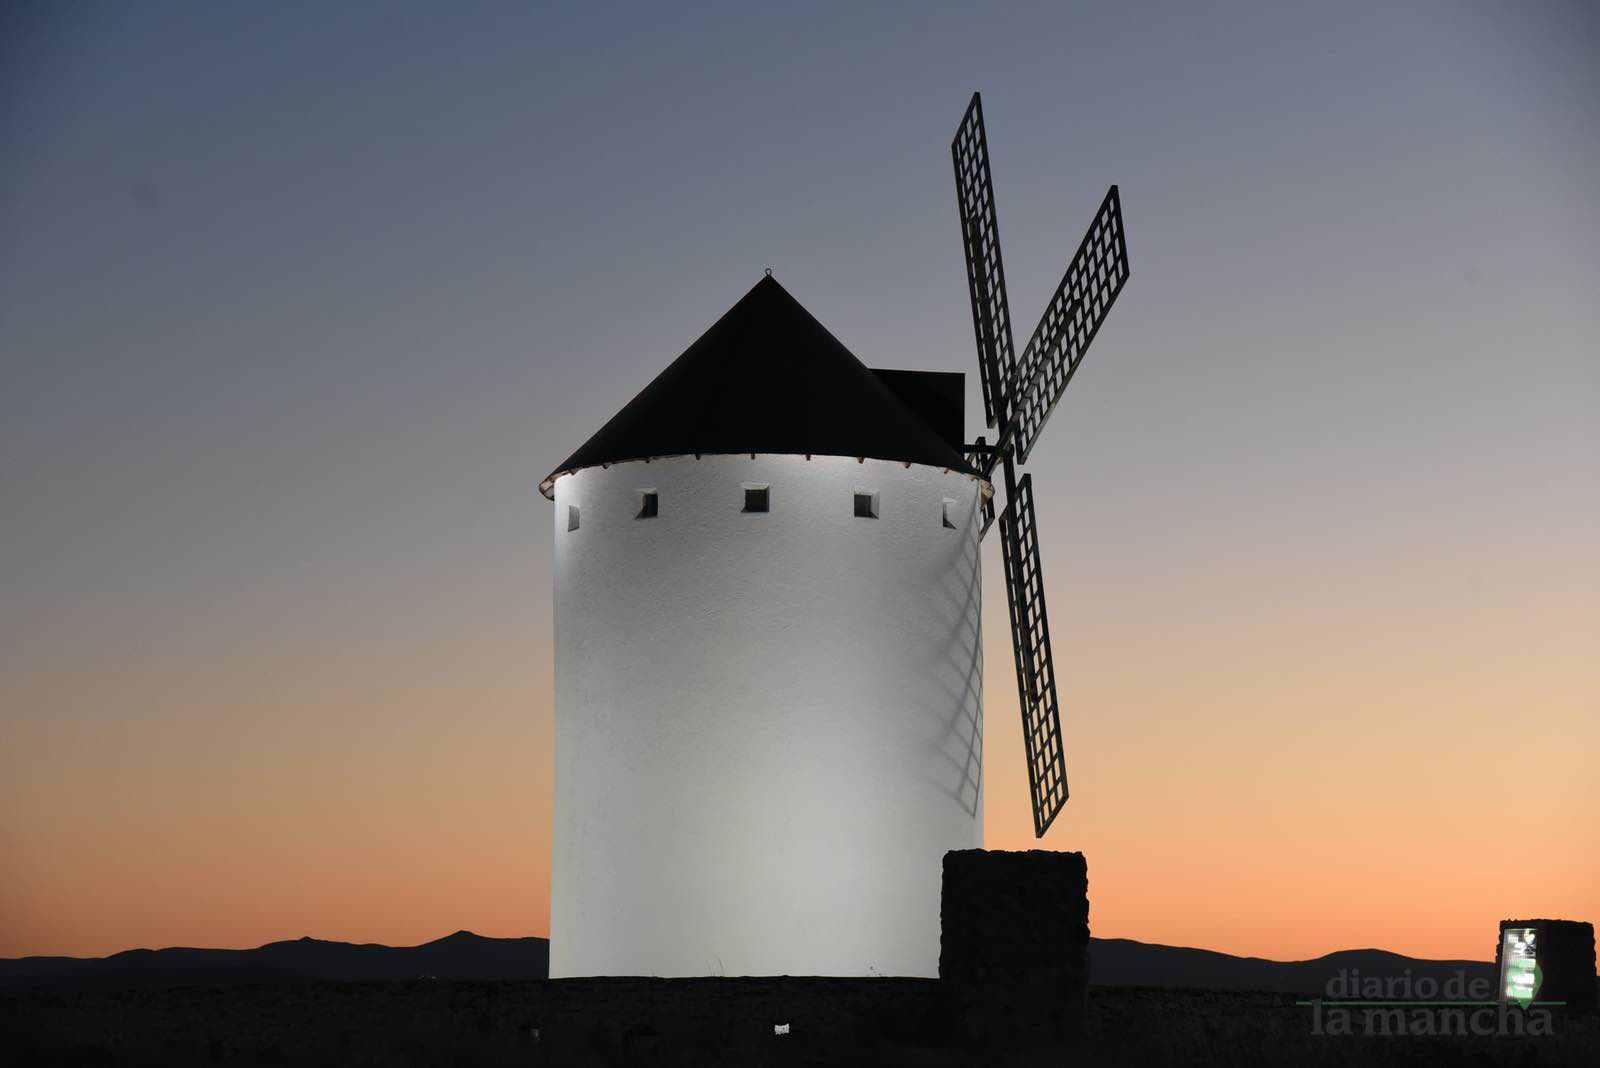 Herencia vuelve a inaugurar con una nueva iluminación artística sus molinos de viento 45